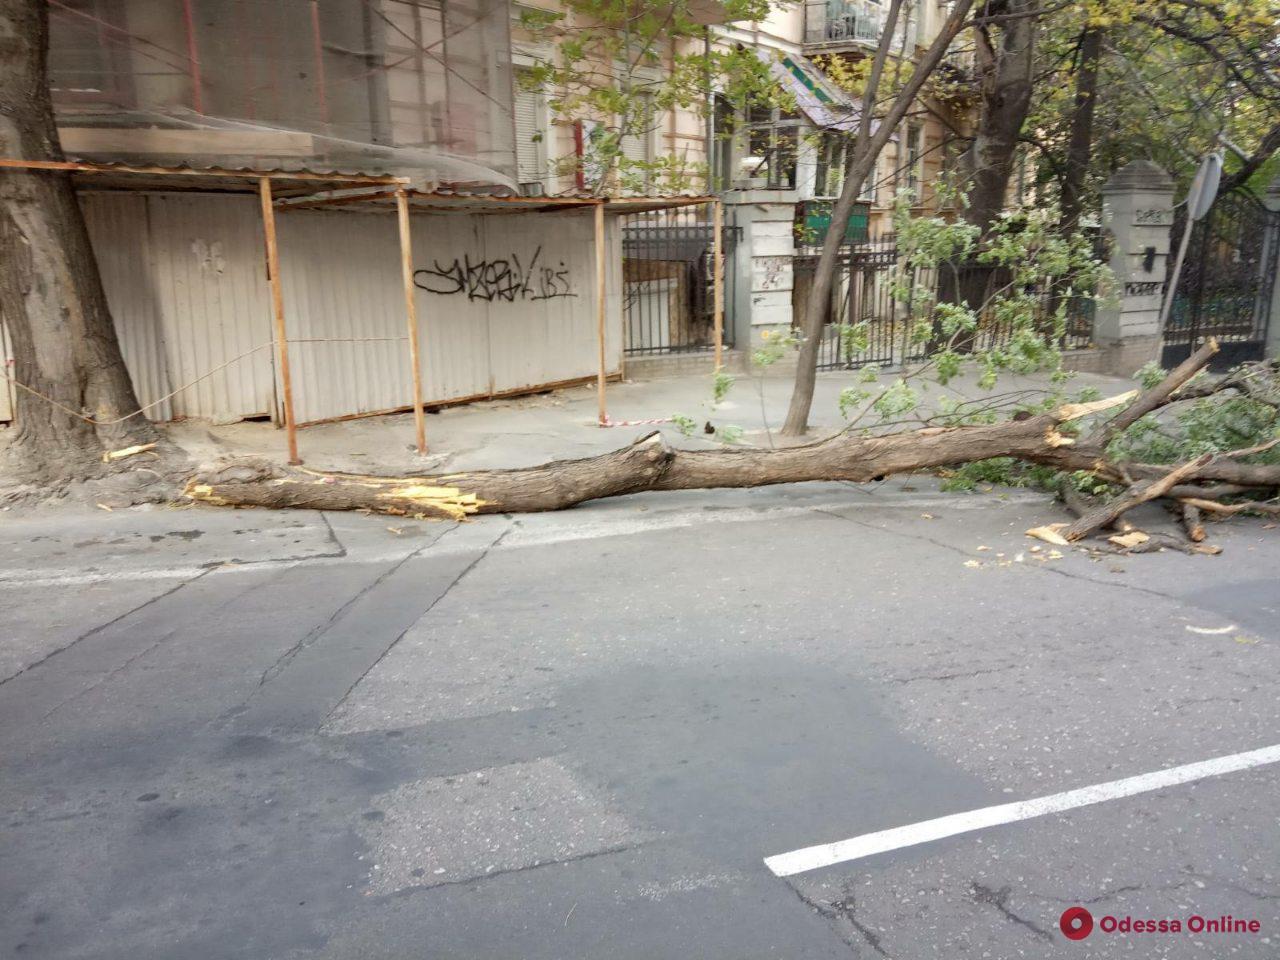 В Одессе сильный ветер повалил четыре дерева (фото)